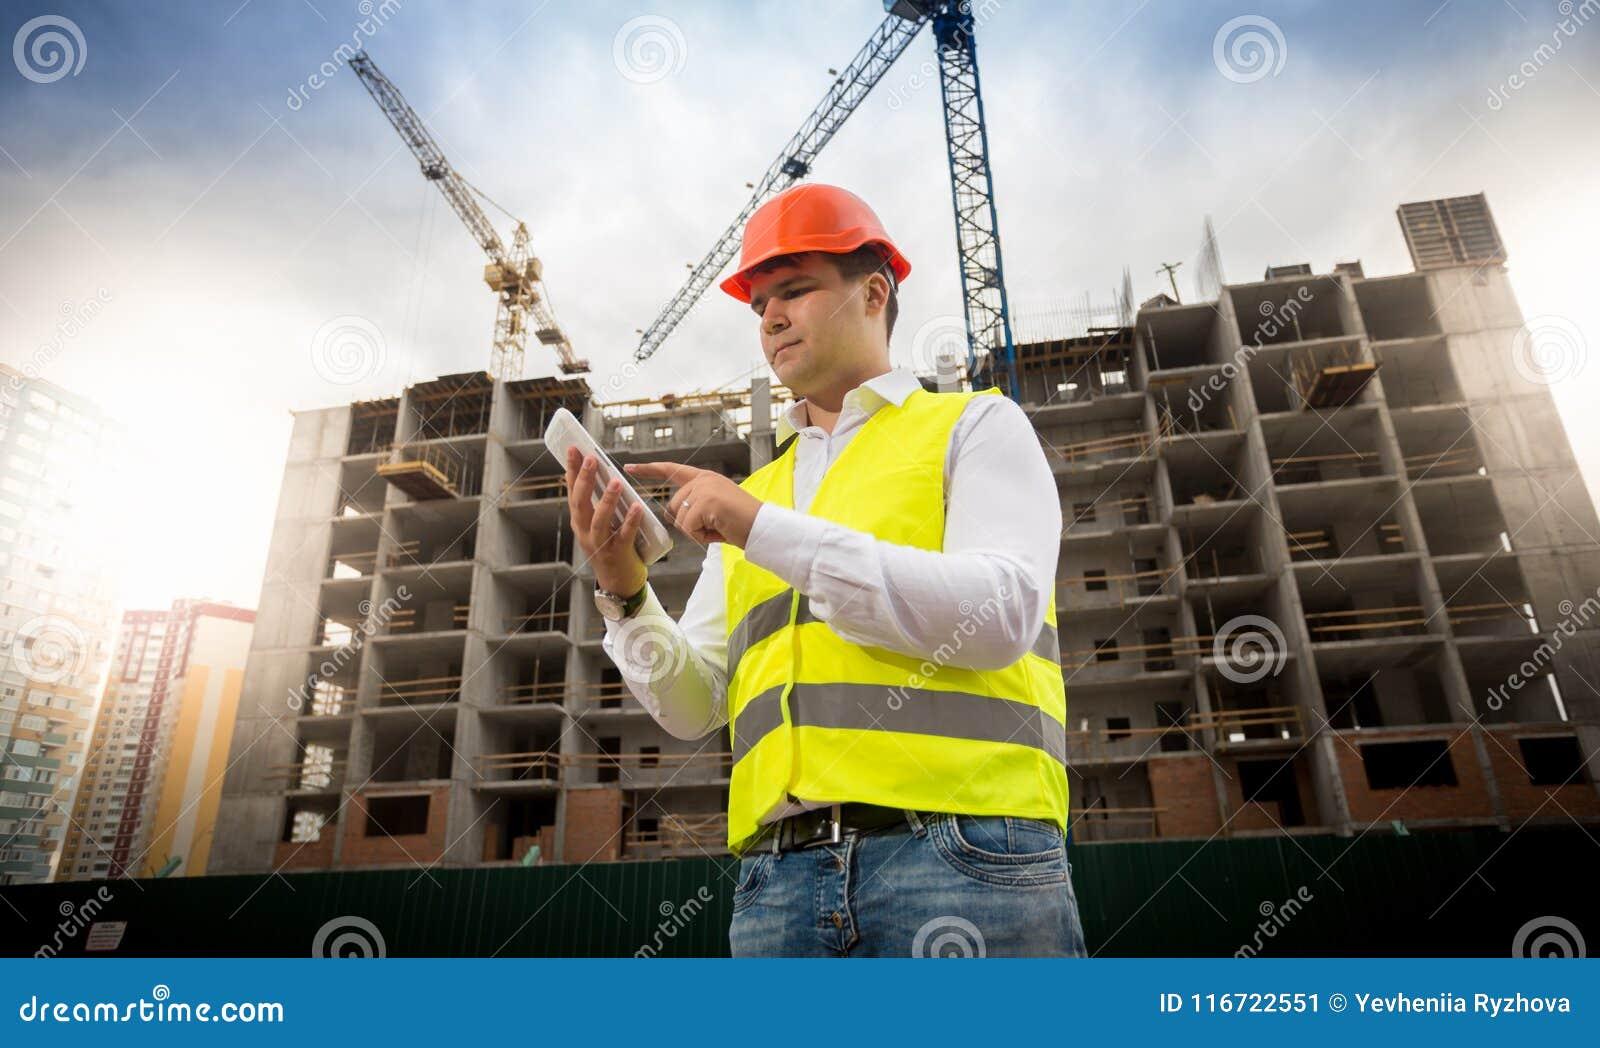 Porträt des männlichen Bauingenieurs stehend auf Baustelle und digitale Tablette verwendend